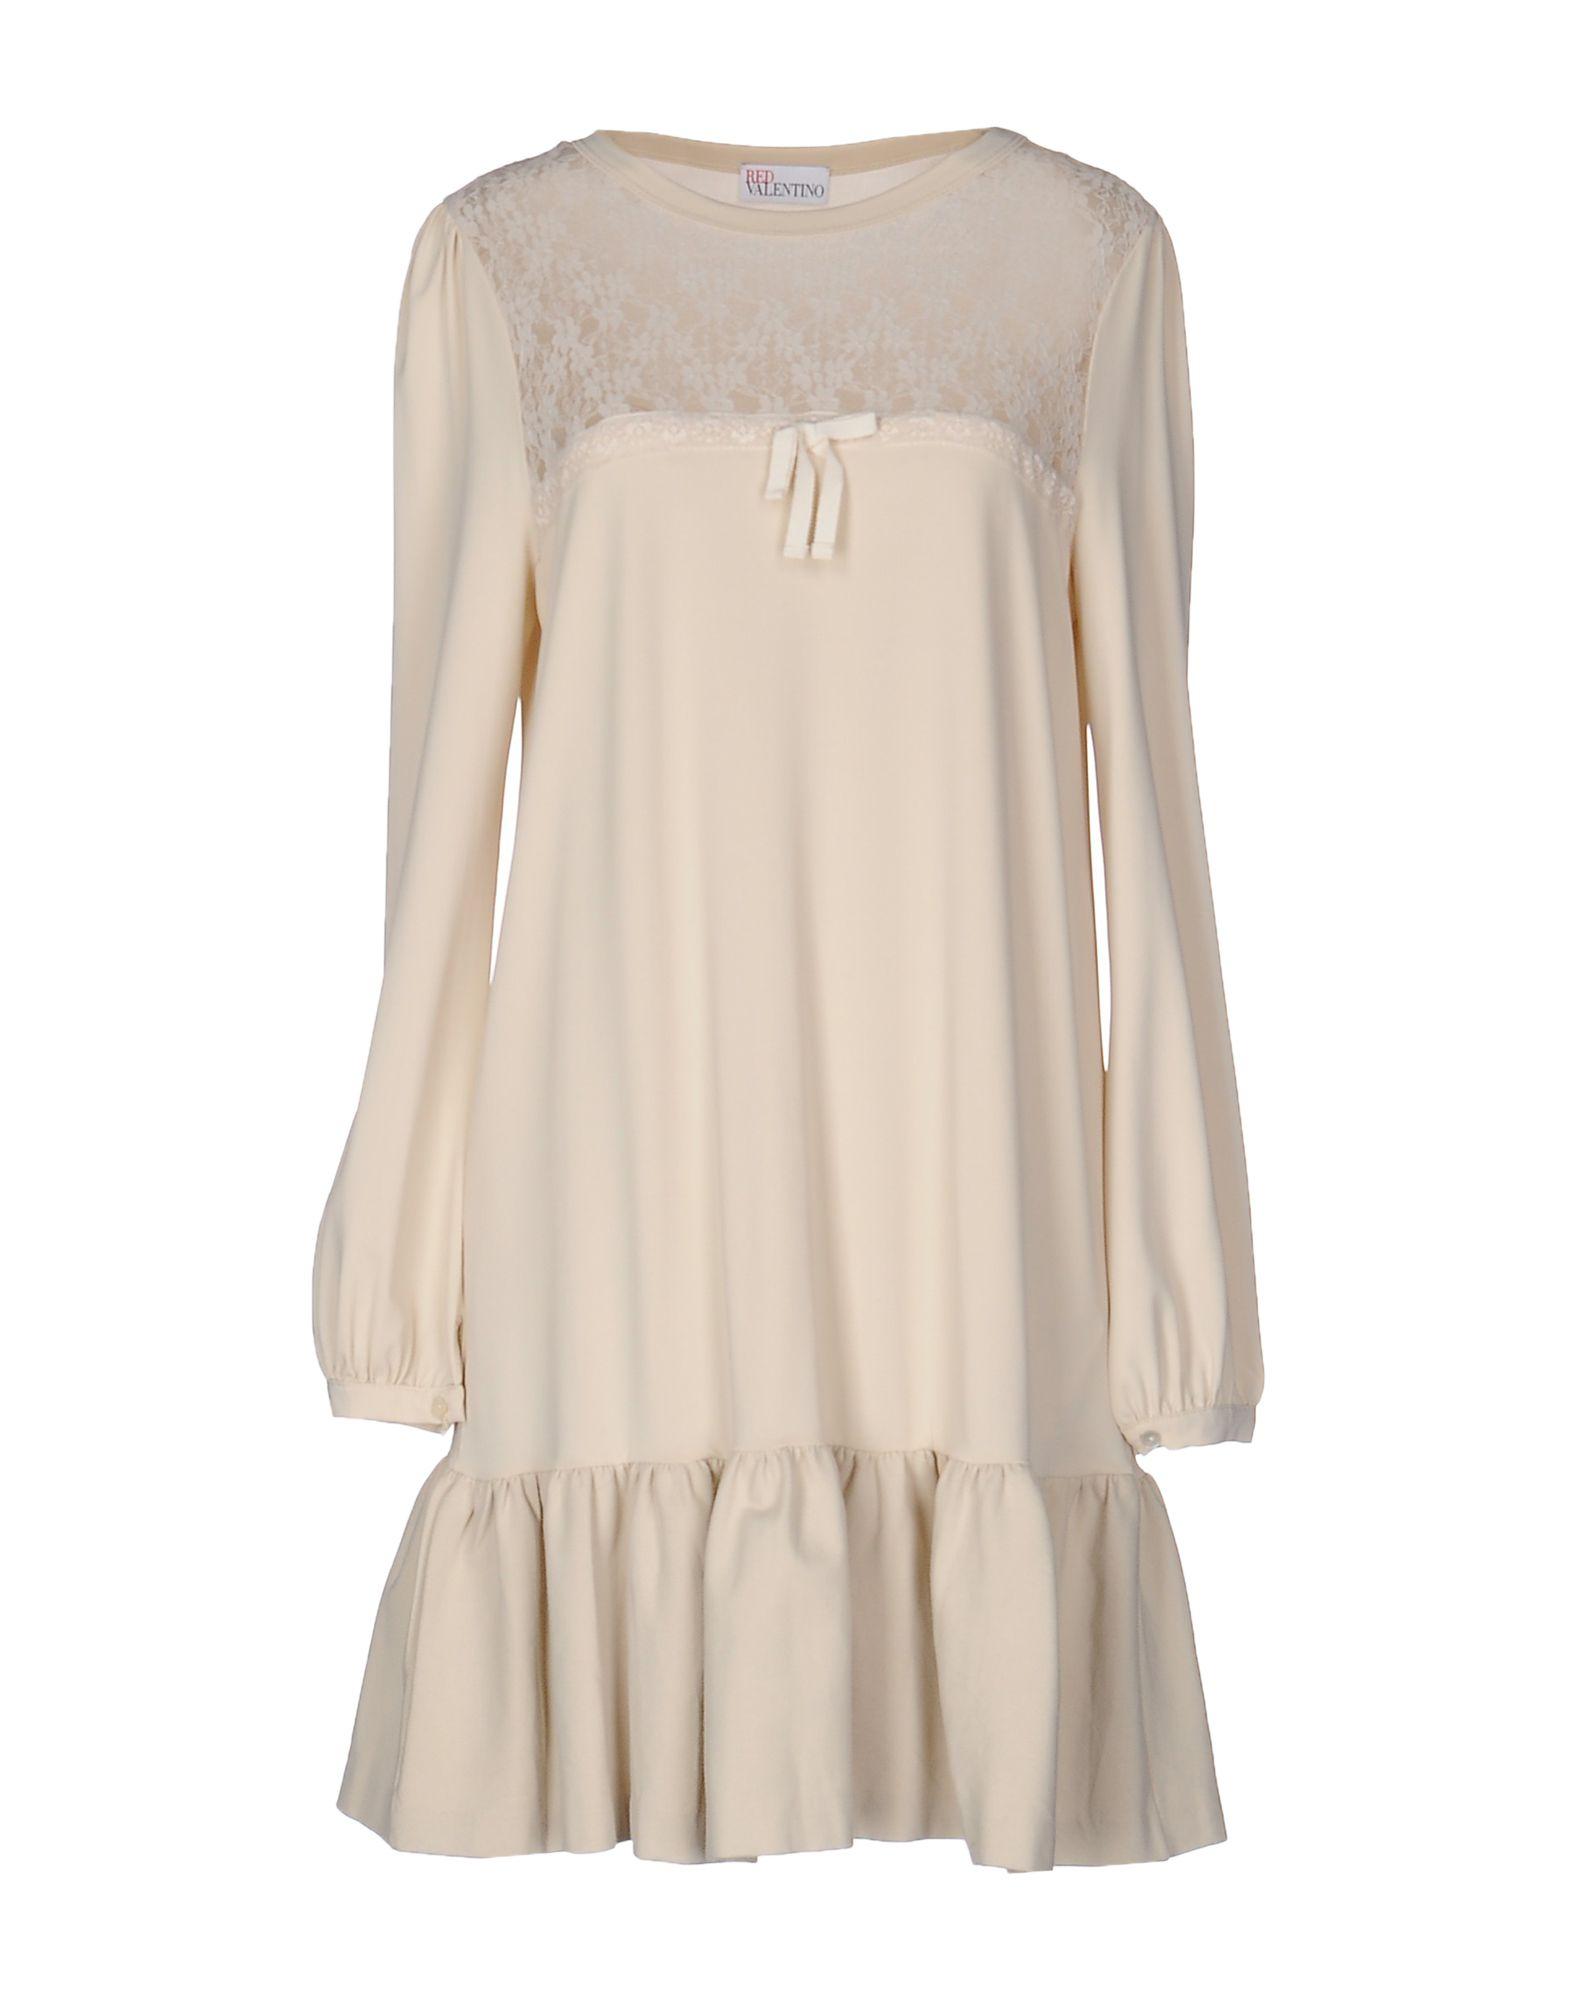 REDValentino Damen Kurzes Kleid Farbe Beige Größe 7 - broschei